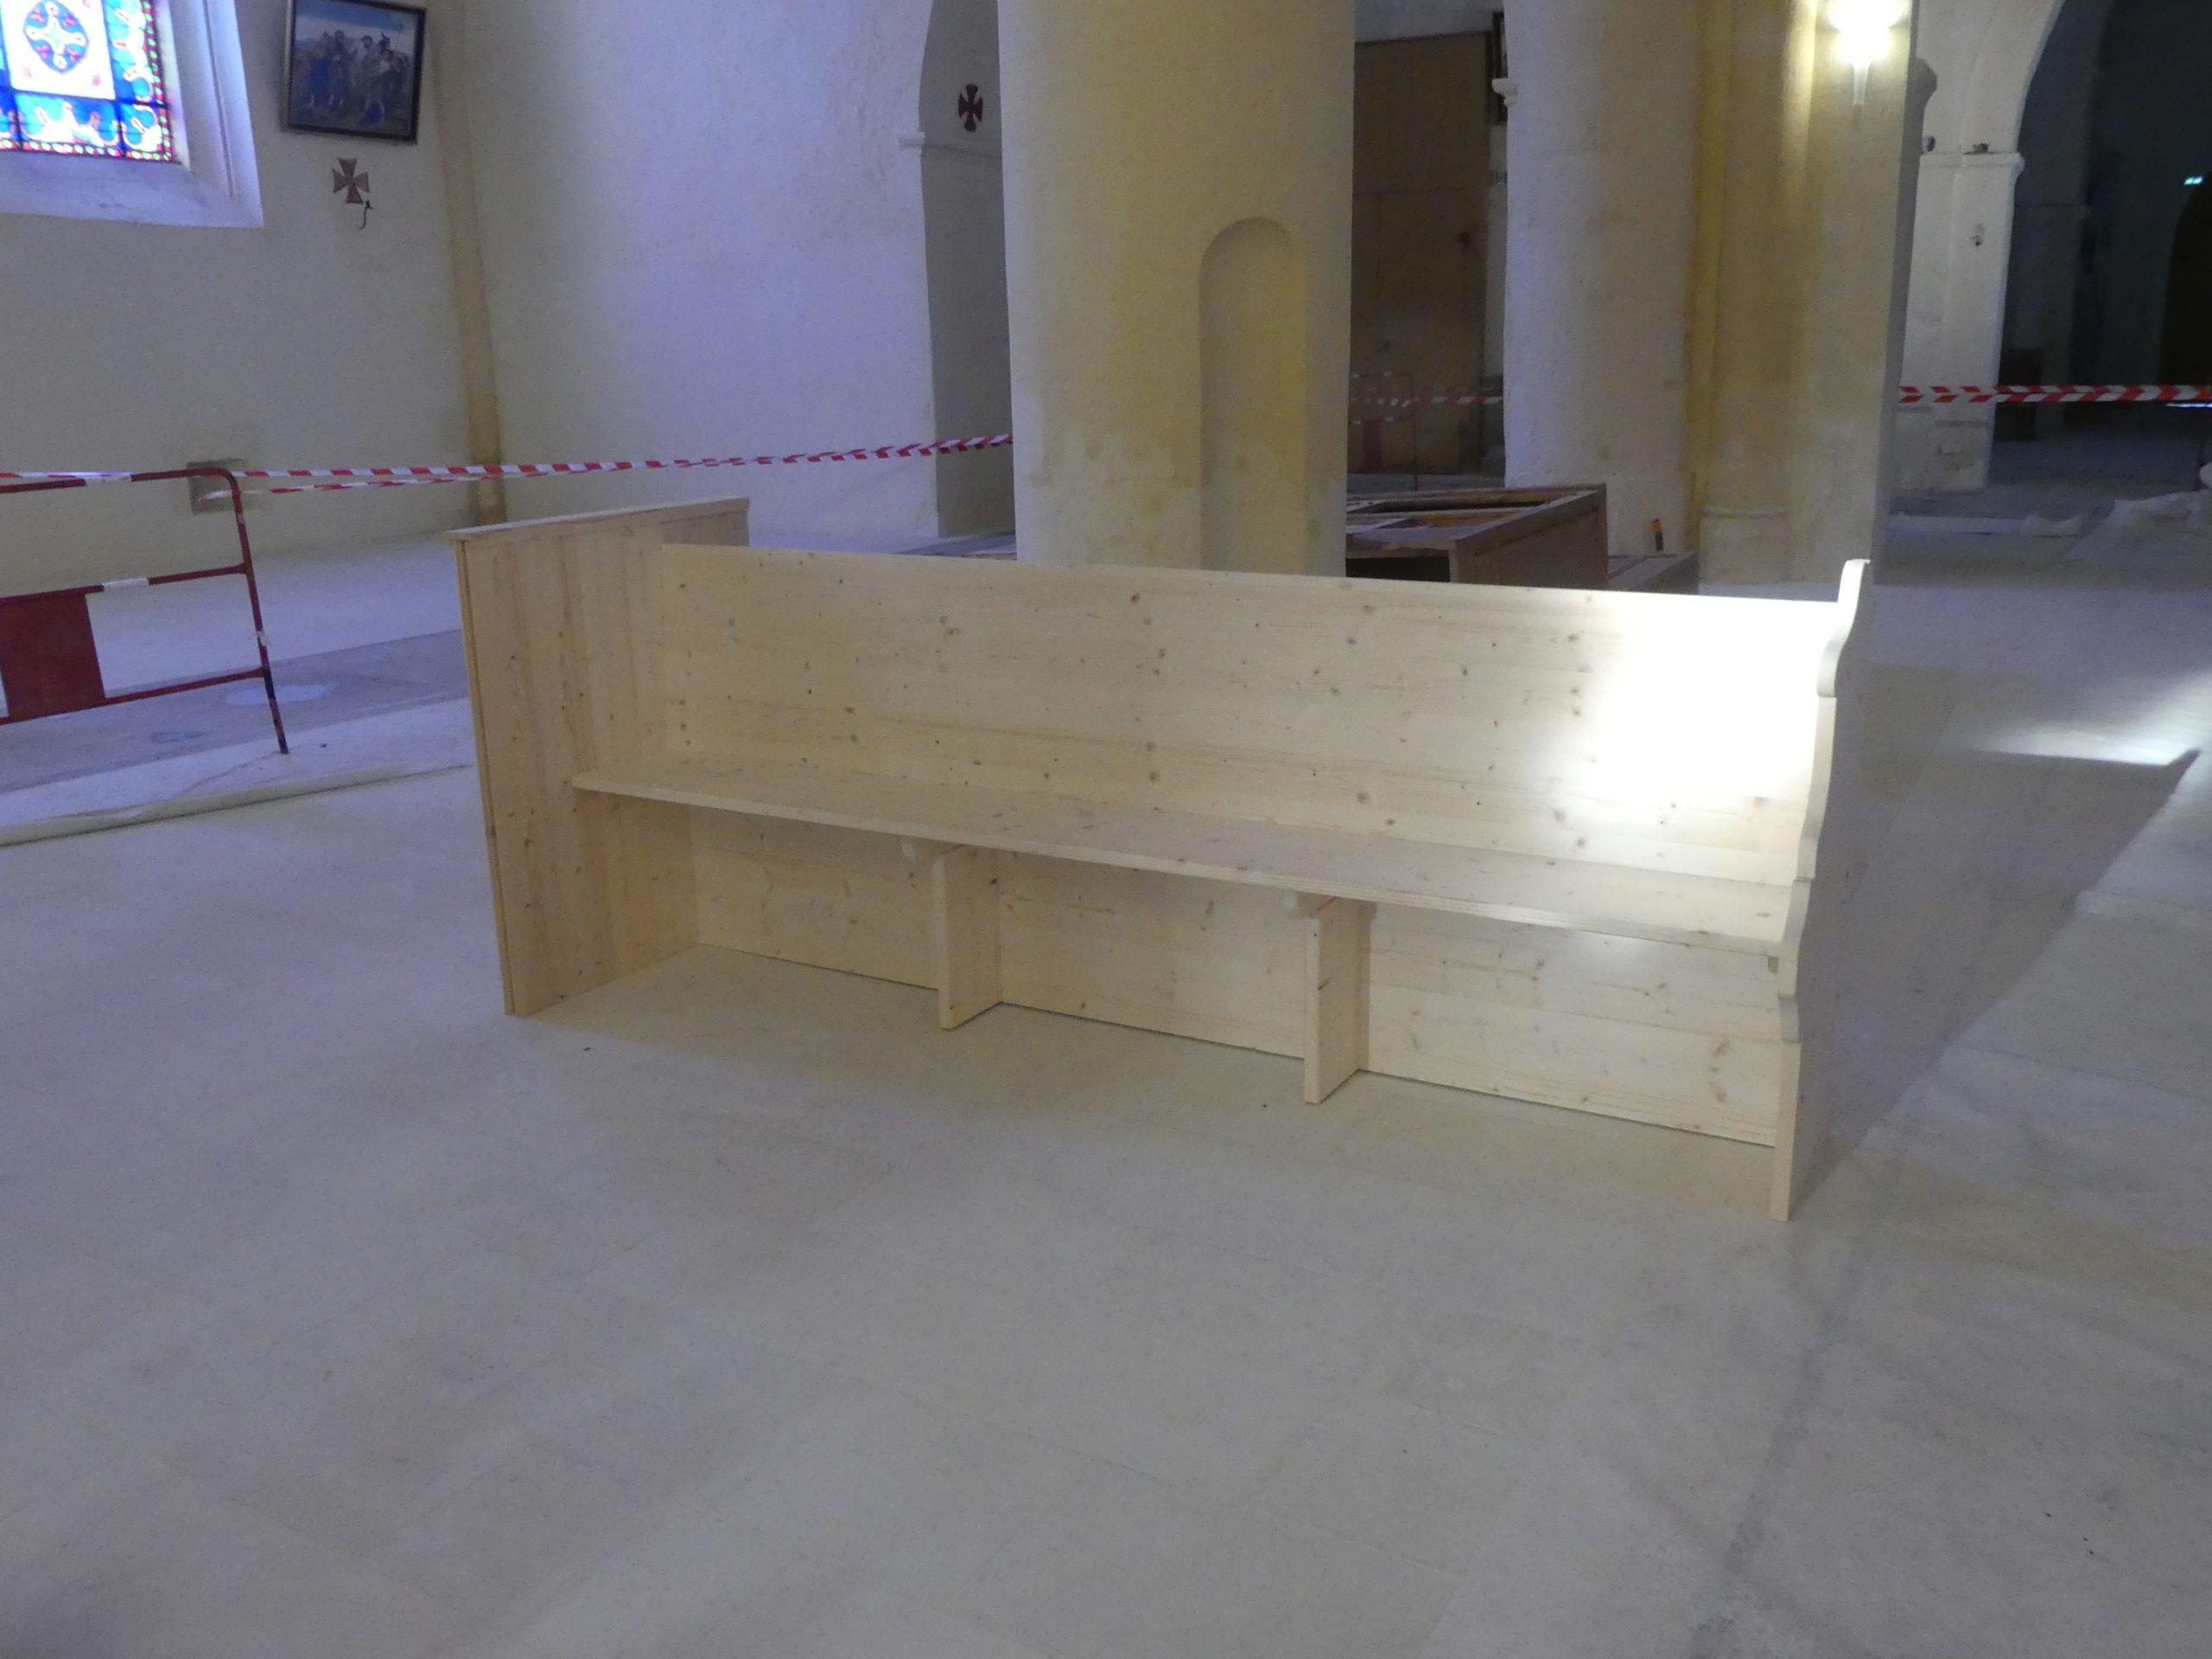 Ars - Eglise - Bancs Palvadeau - 3 février 2020